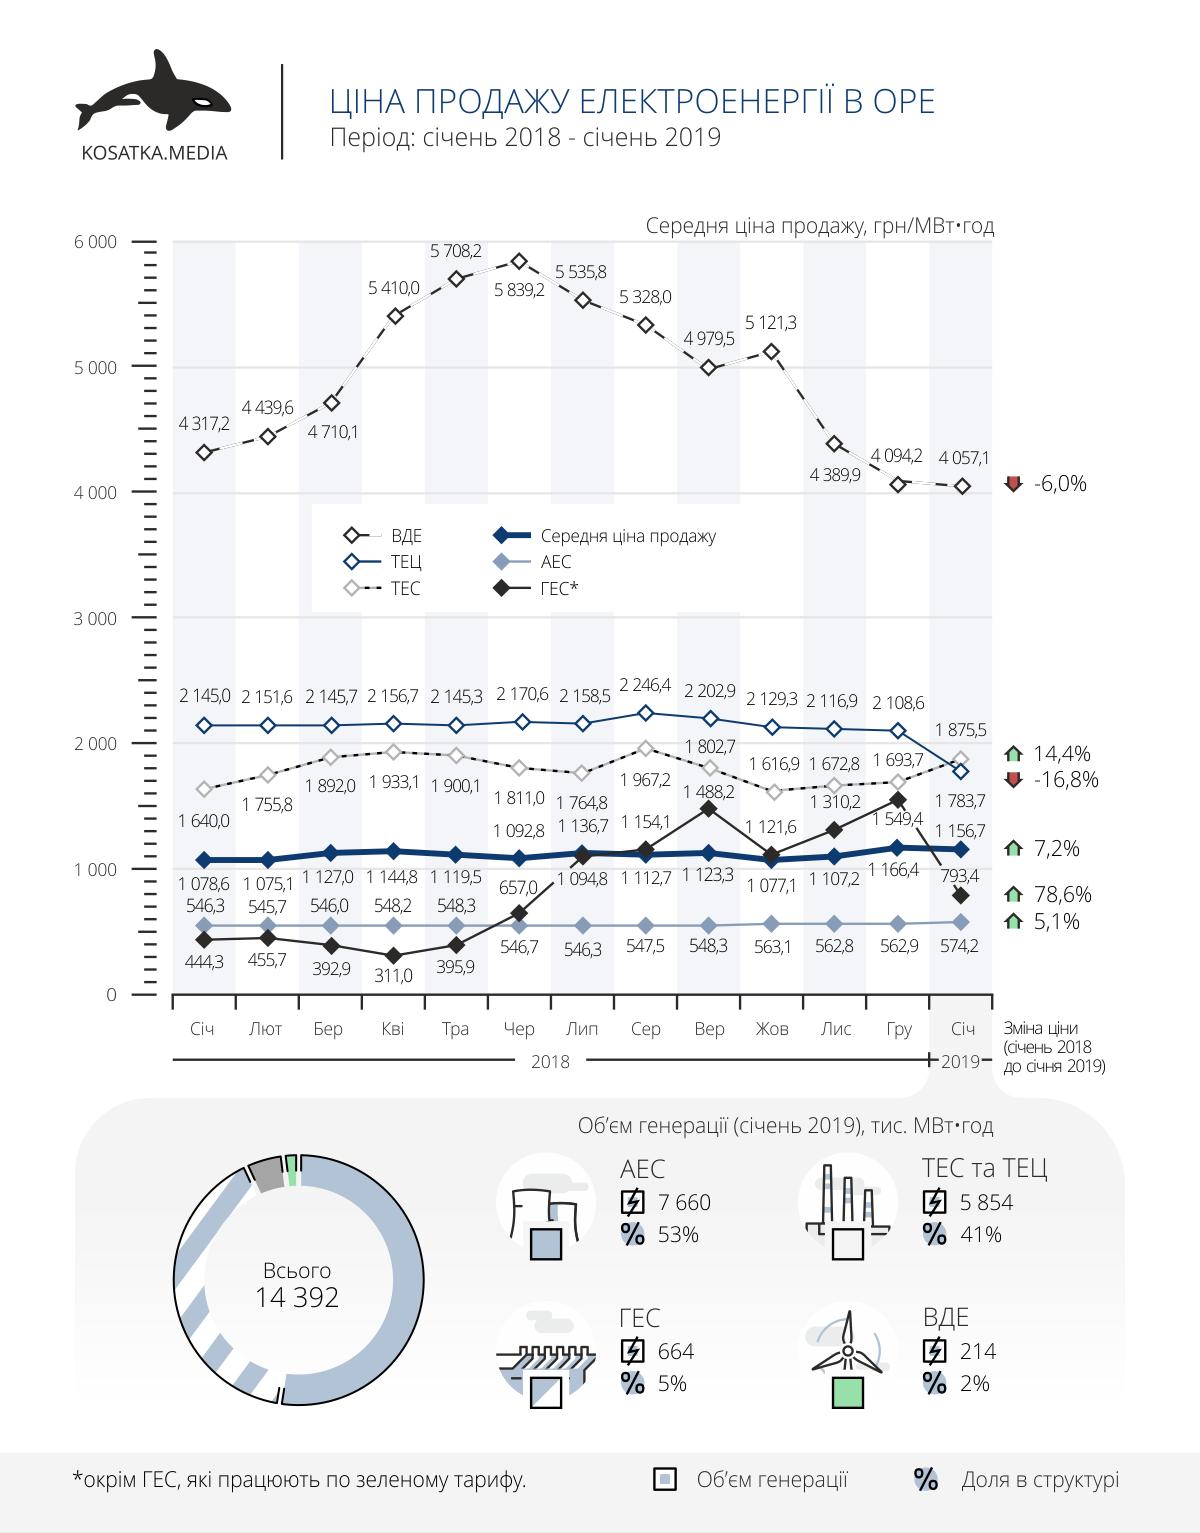 Ціна продажу електроенергії в оптовий ринок